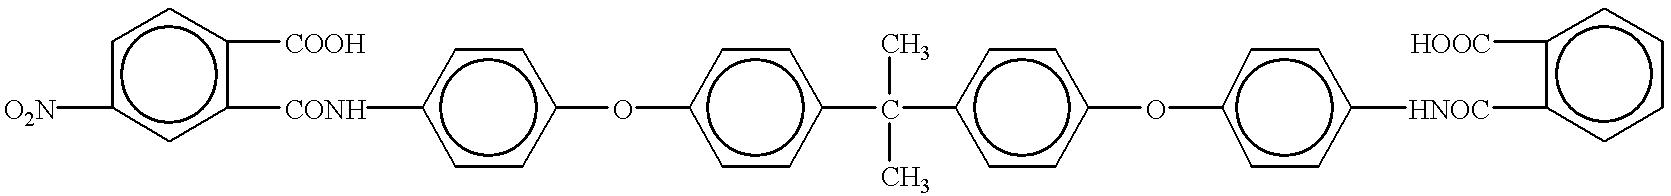 Figure US06180560-20010130-C00610